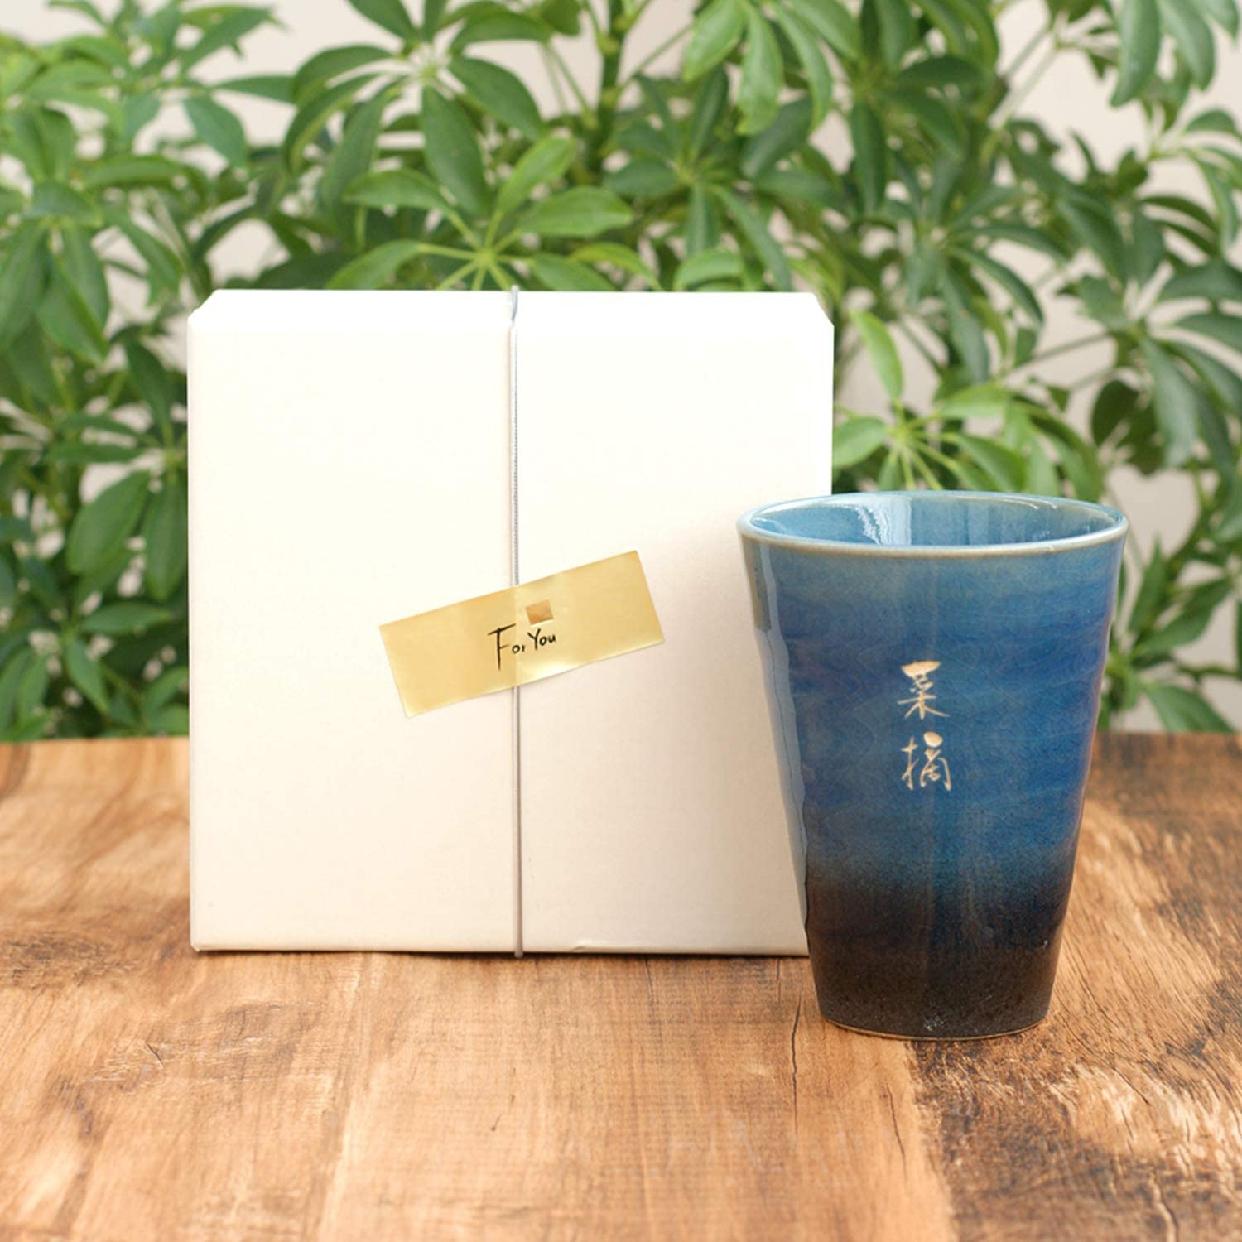 きざむ 名入れ 信楽焼 GemCup(ジェムカップ)  エメラルドグリーンの商品画像4